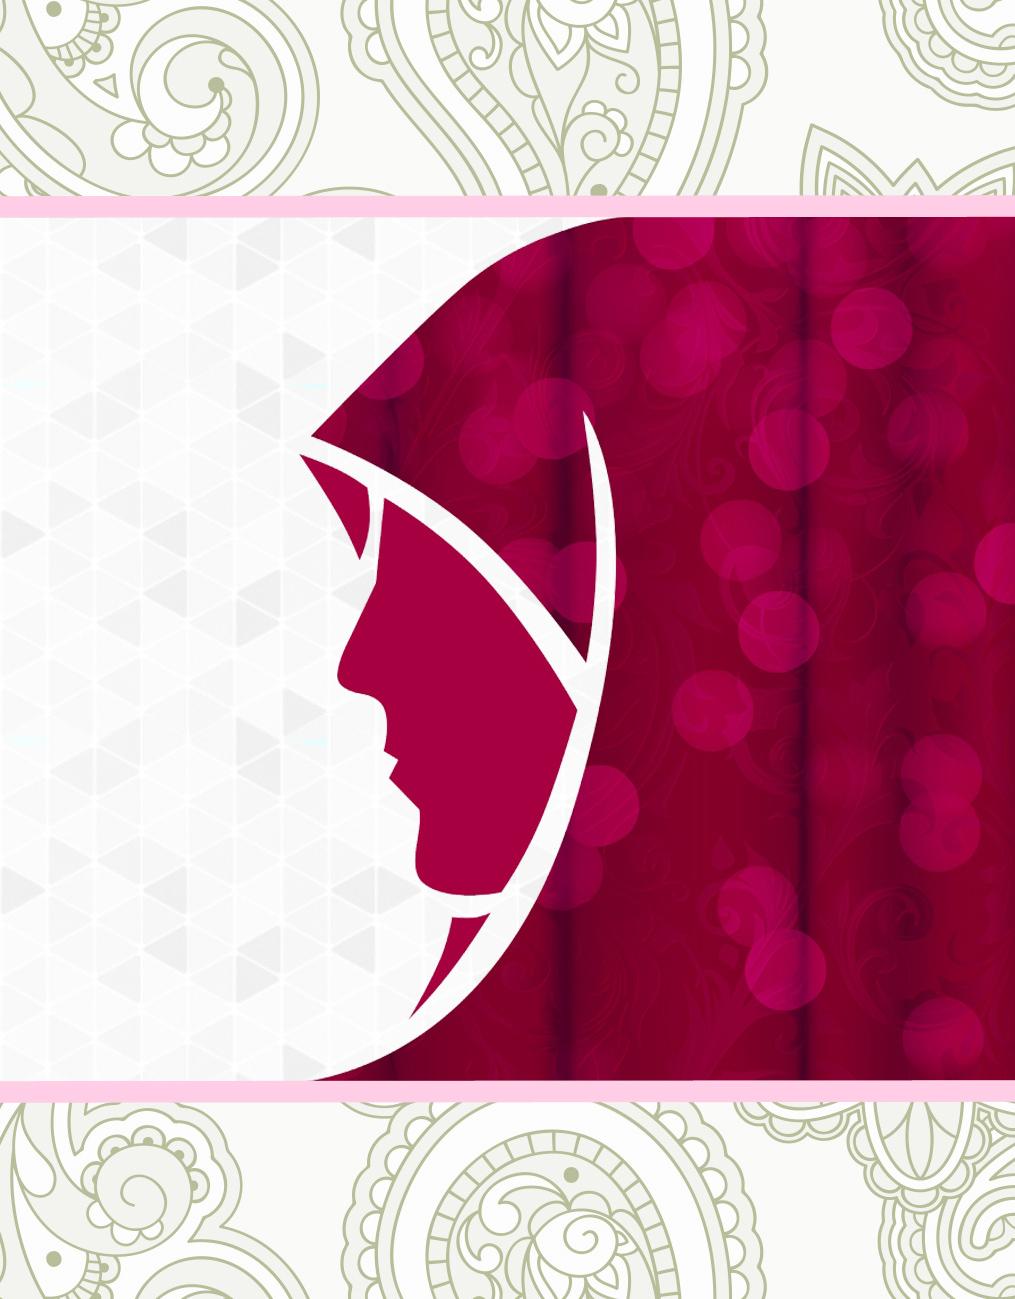 همسر با حجاب